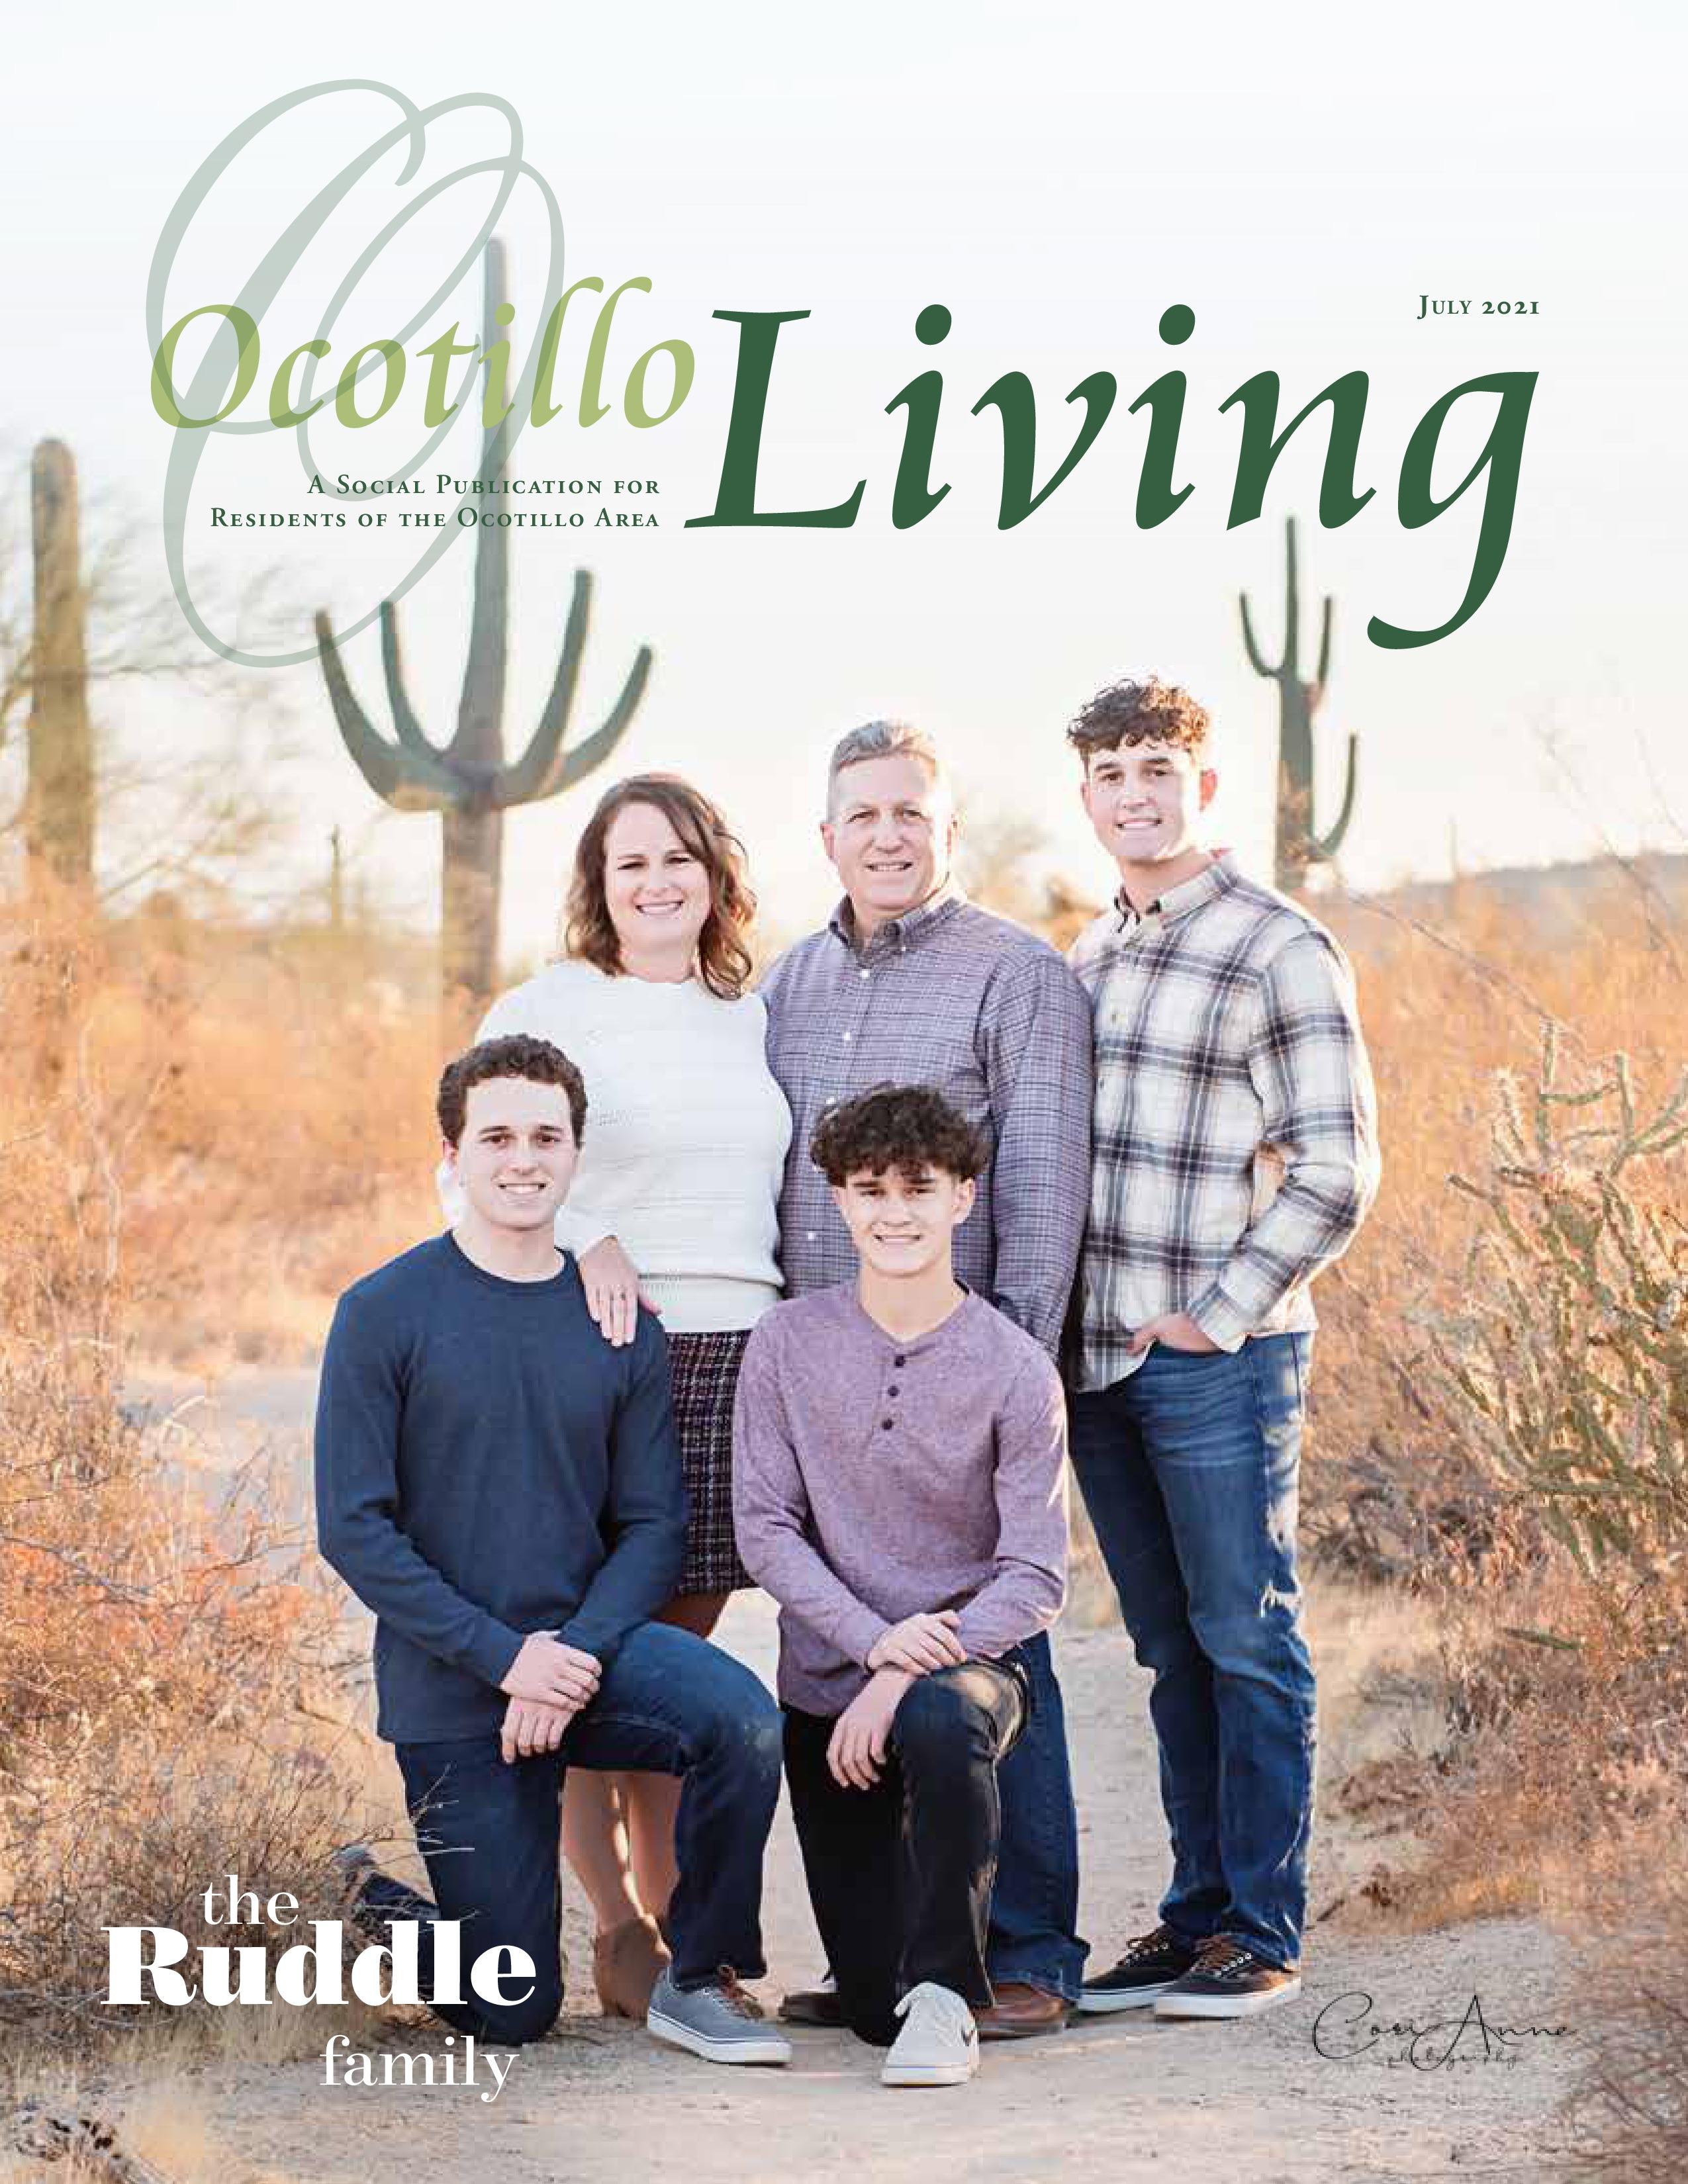 Ocotillo Living 2021-07-01